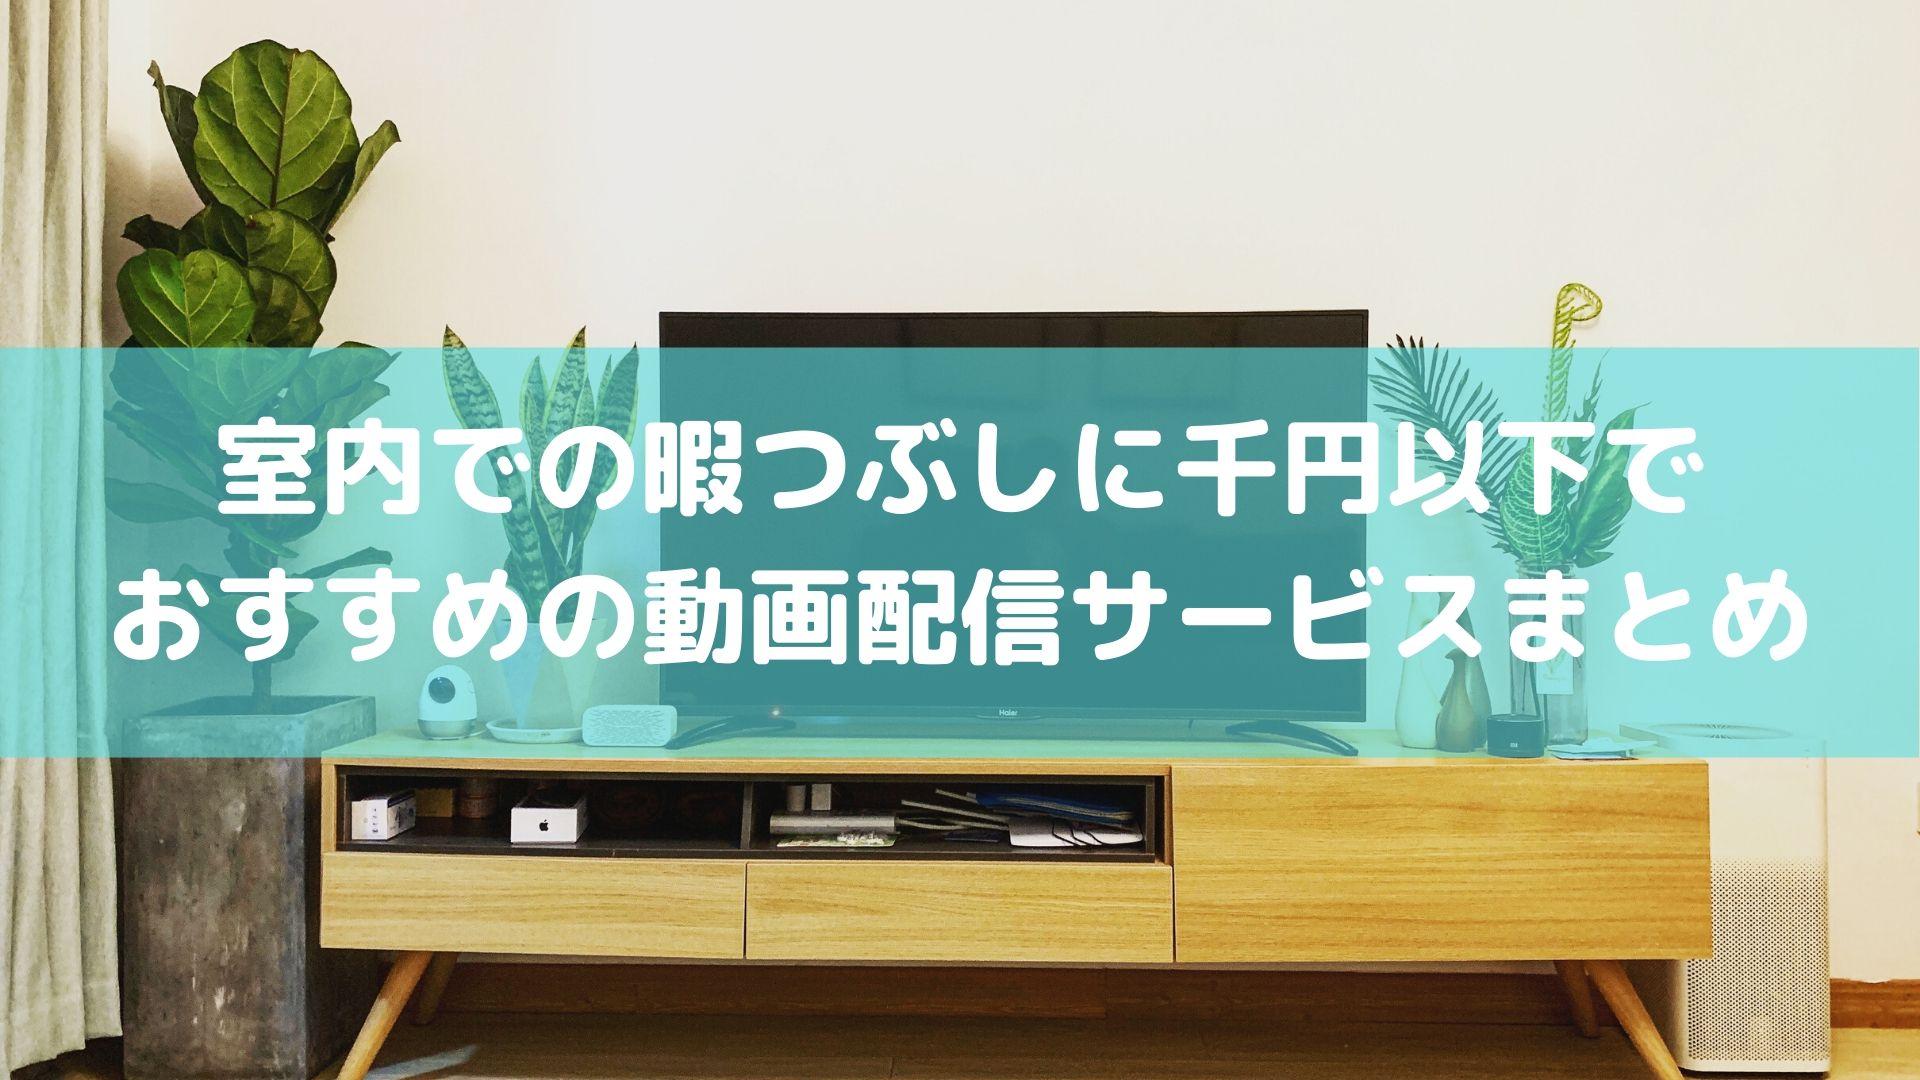 室内での暇つぶしに千円以下で おすすめの動画配信サービスまとめ